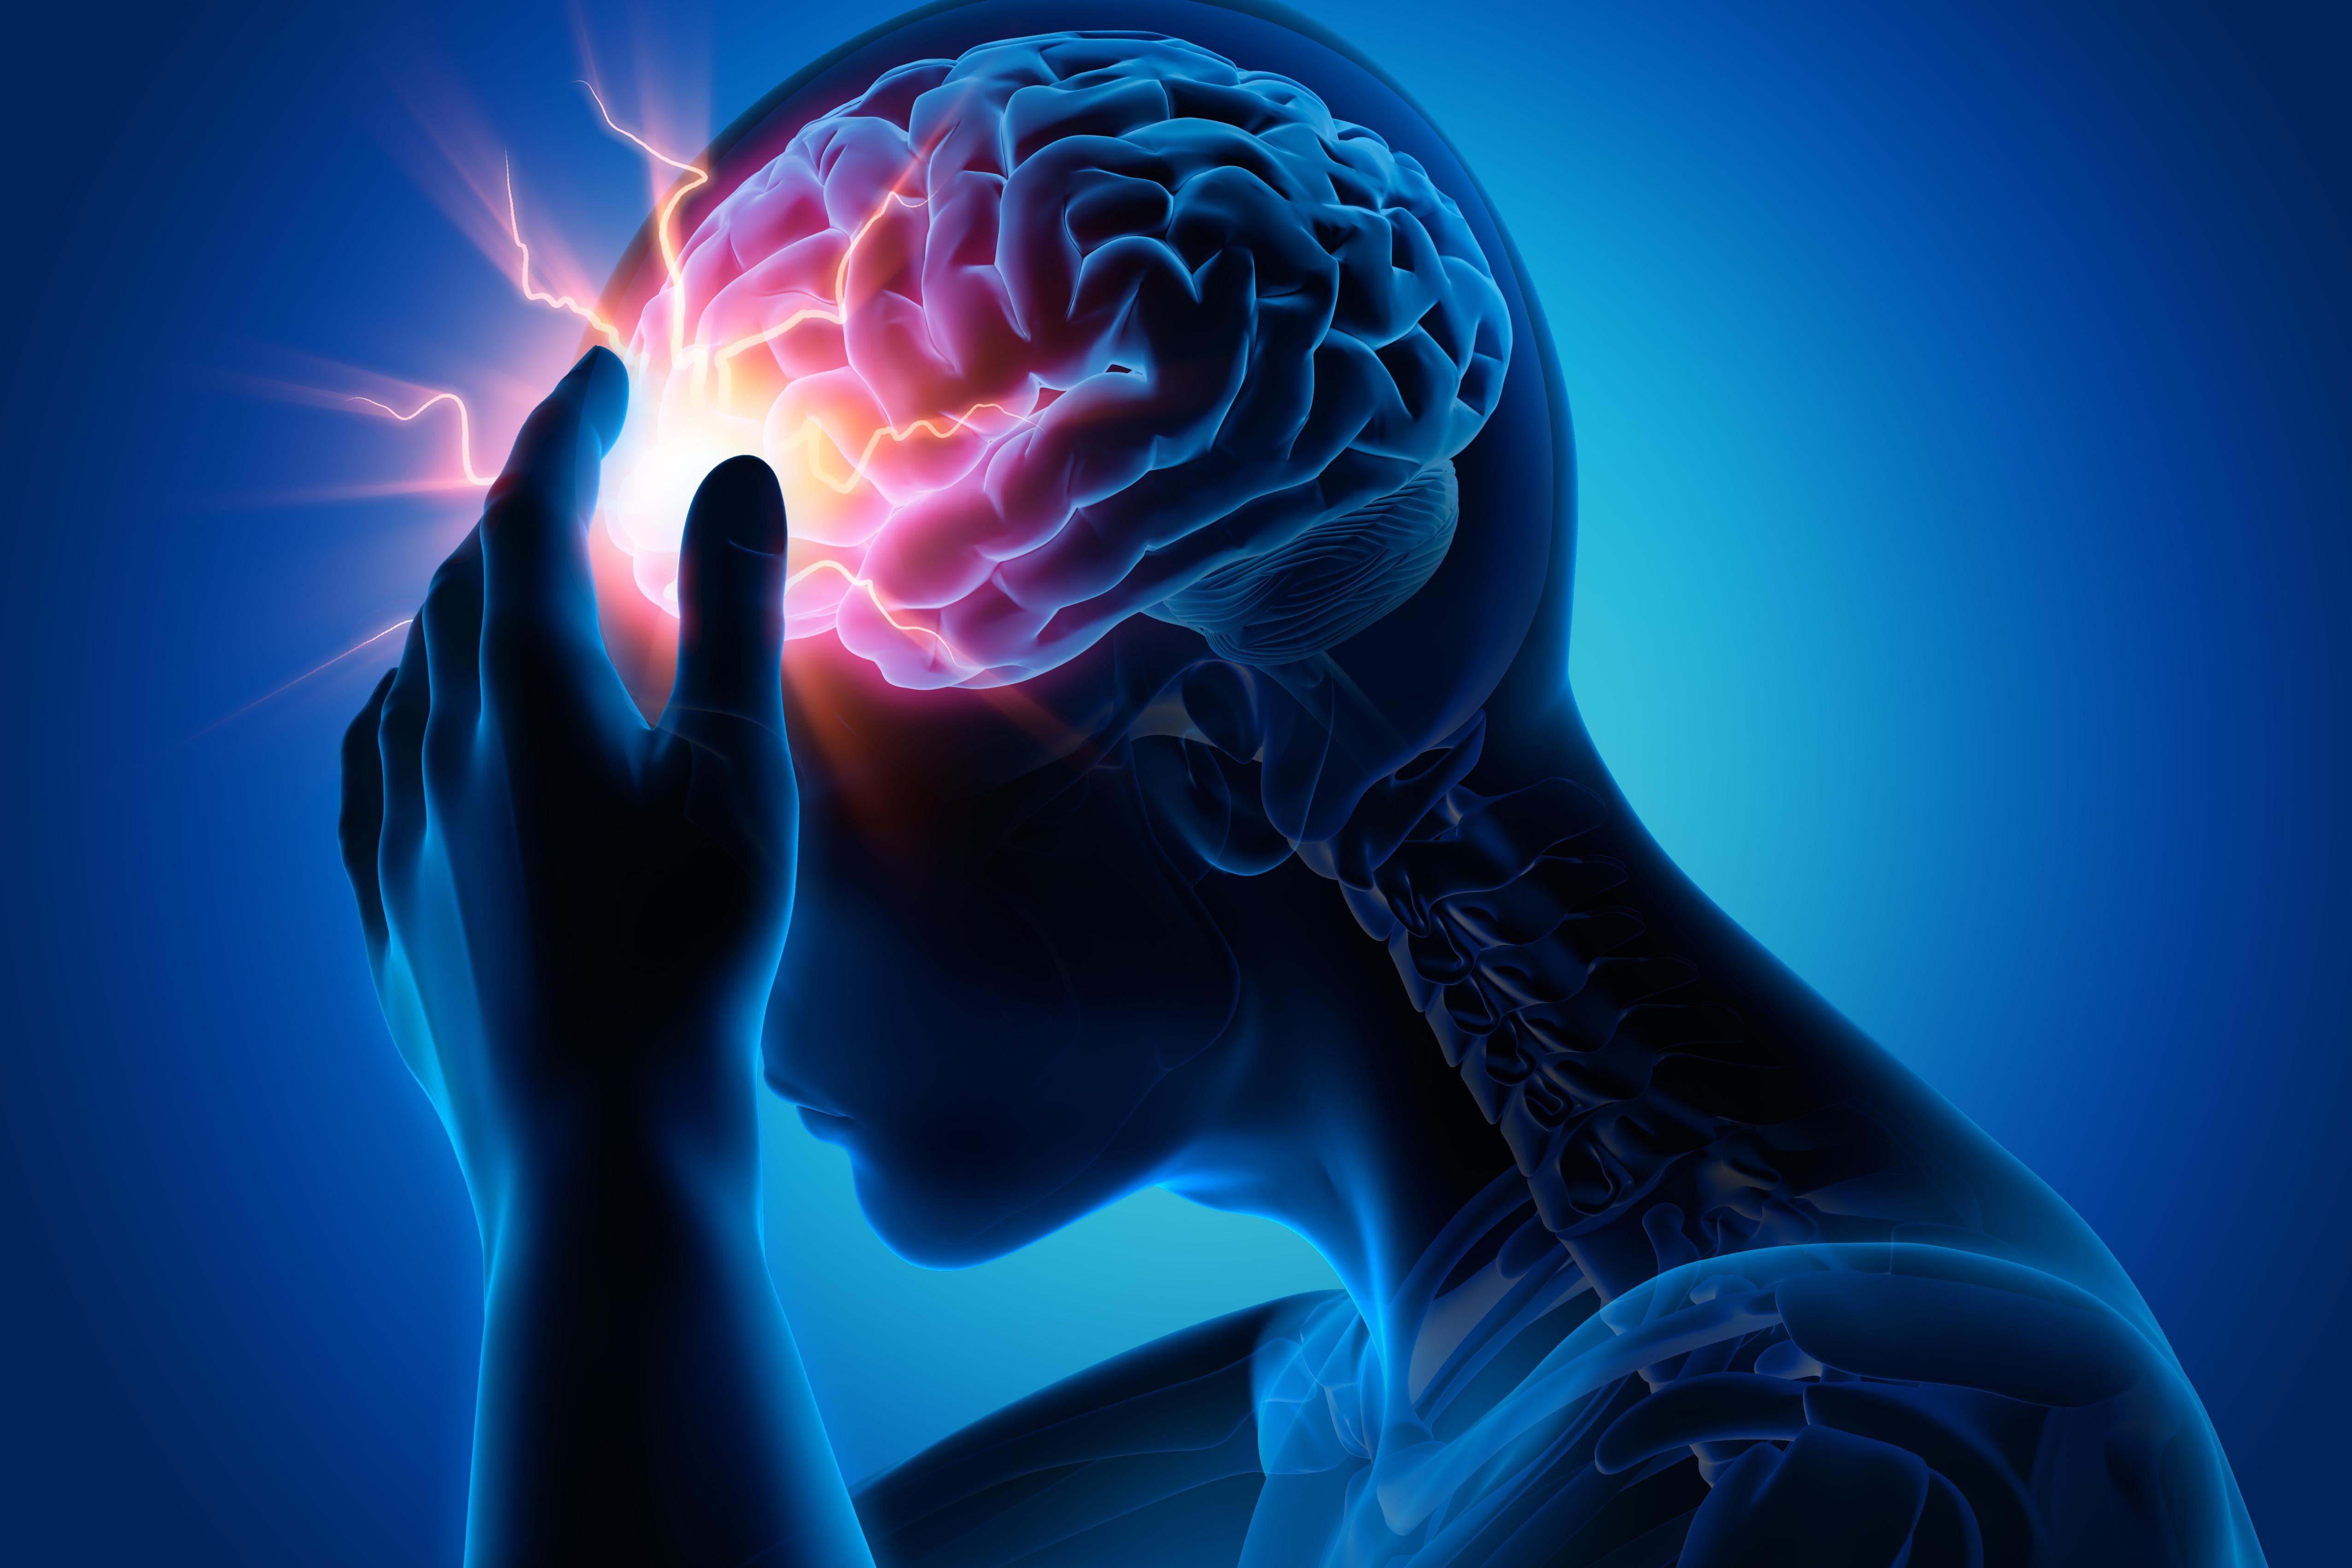 O que é epilepsia e convulsão segundo a Germânica Heilkunde?